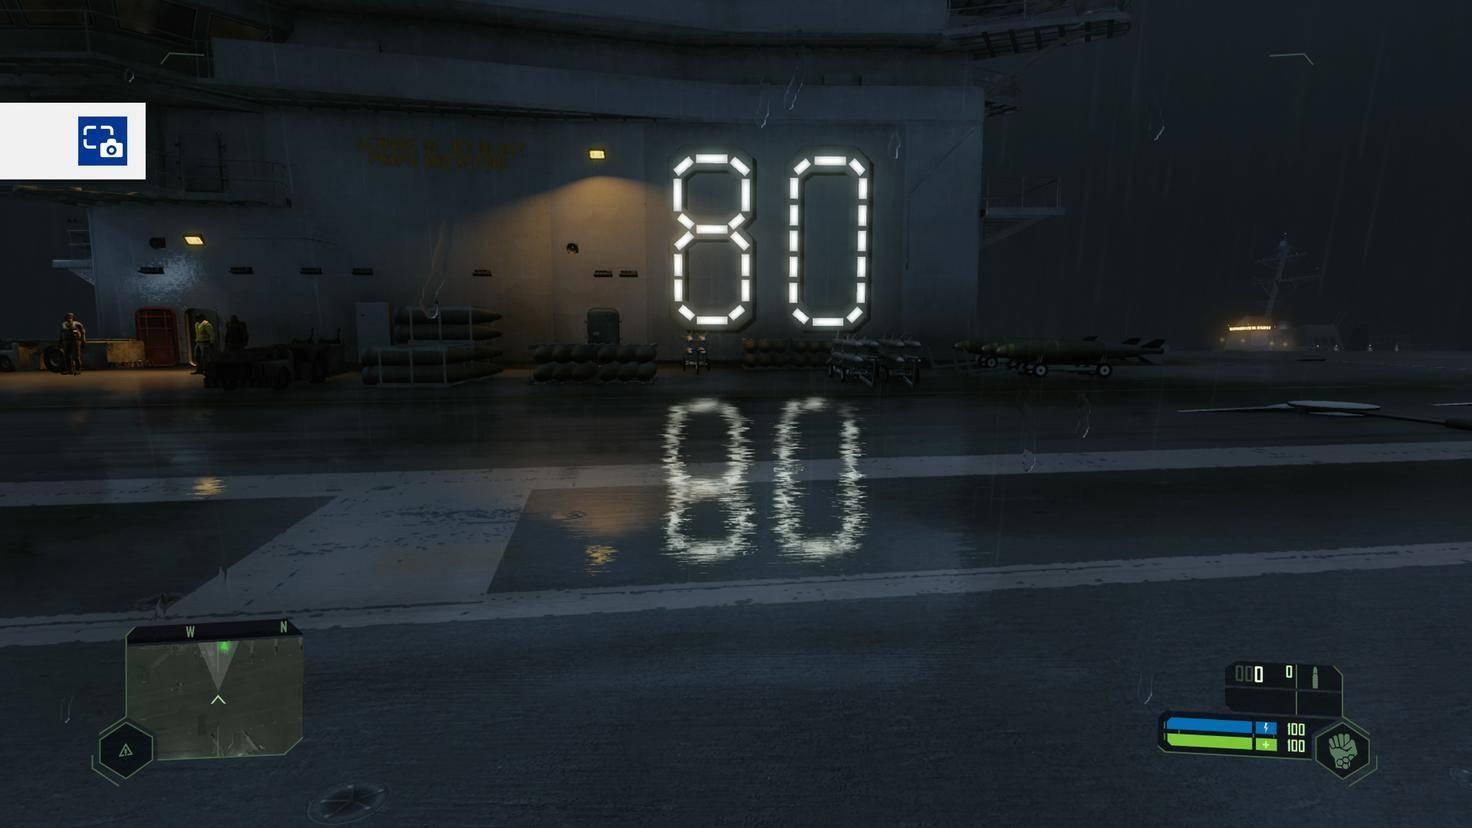 Das aus dem Trailer bekannte Raytracing-Beispiel findet sich auch so im Spiel.